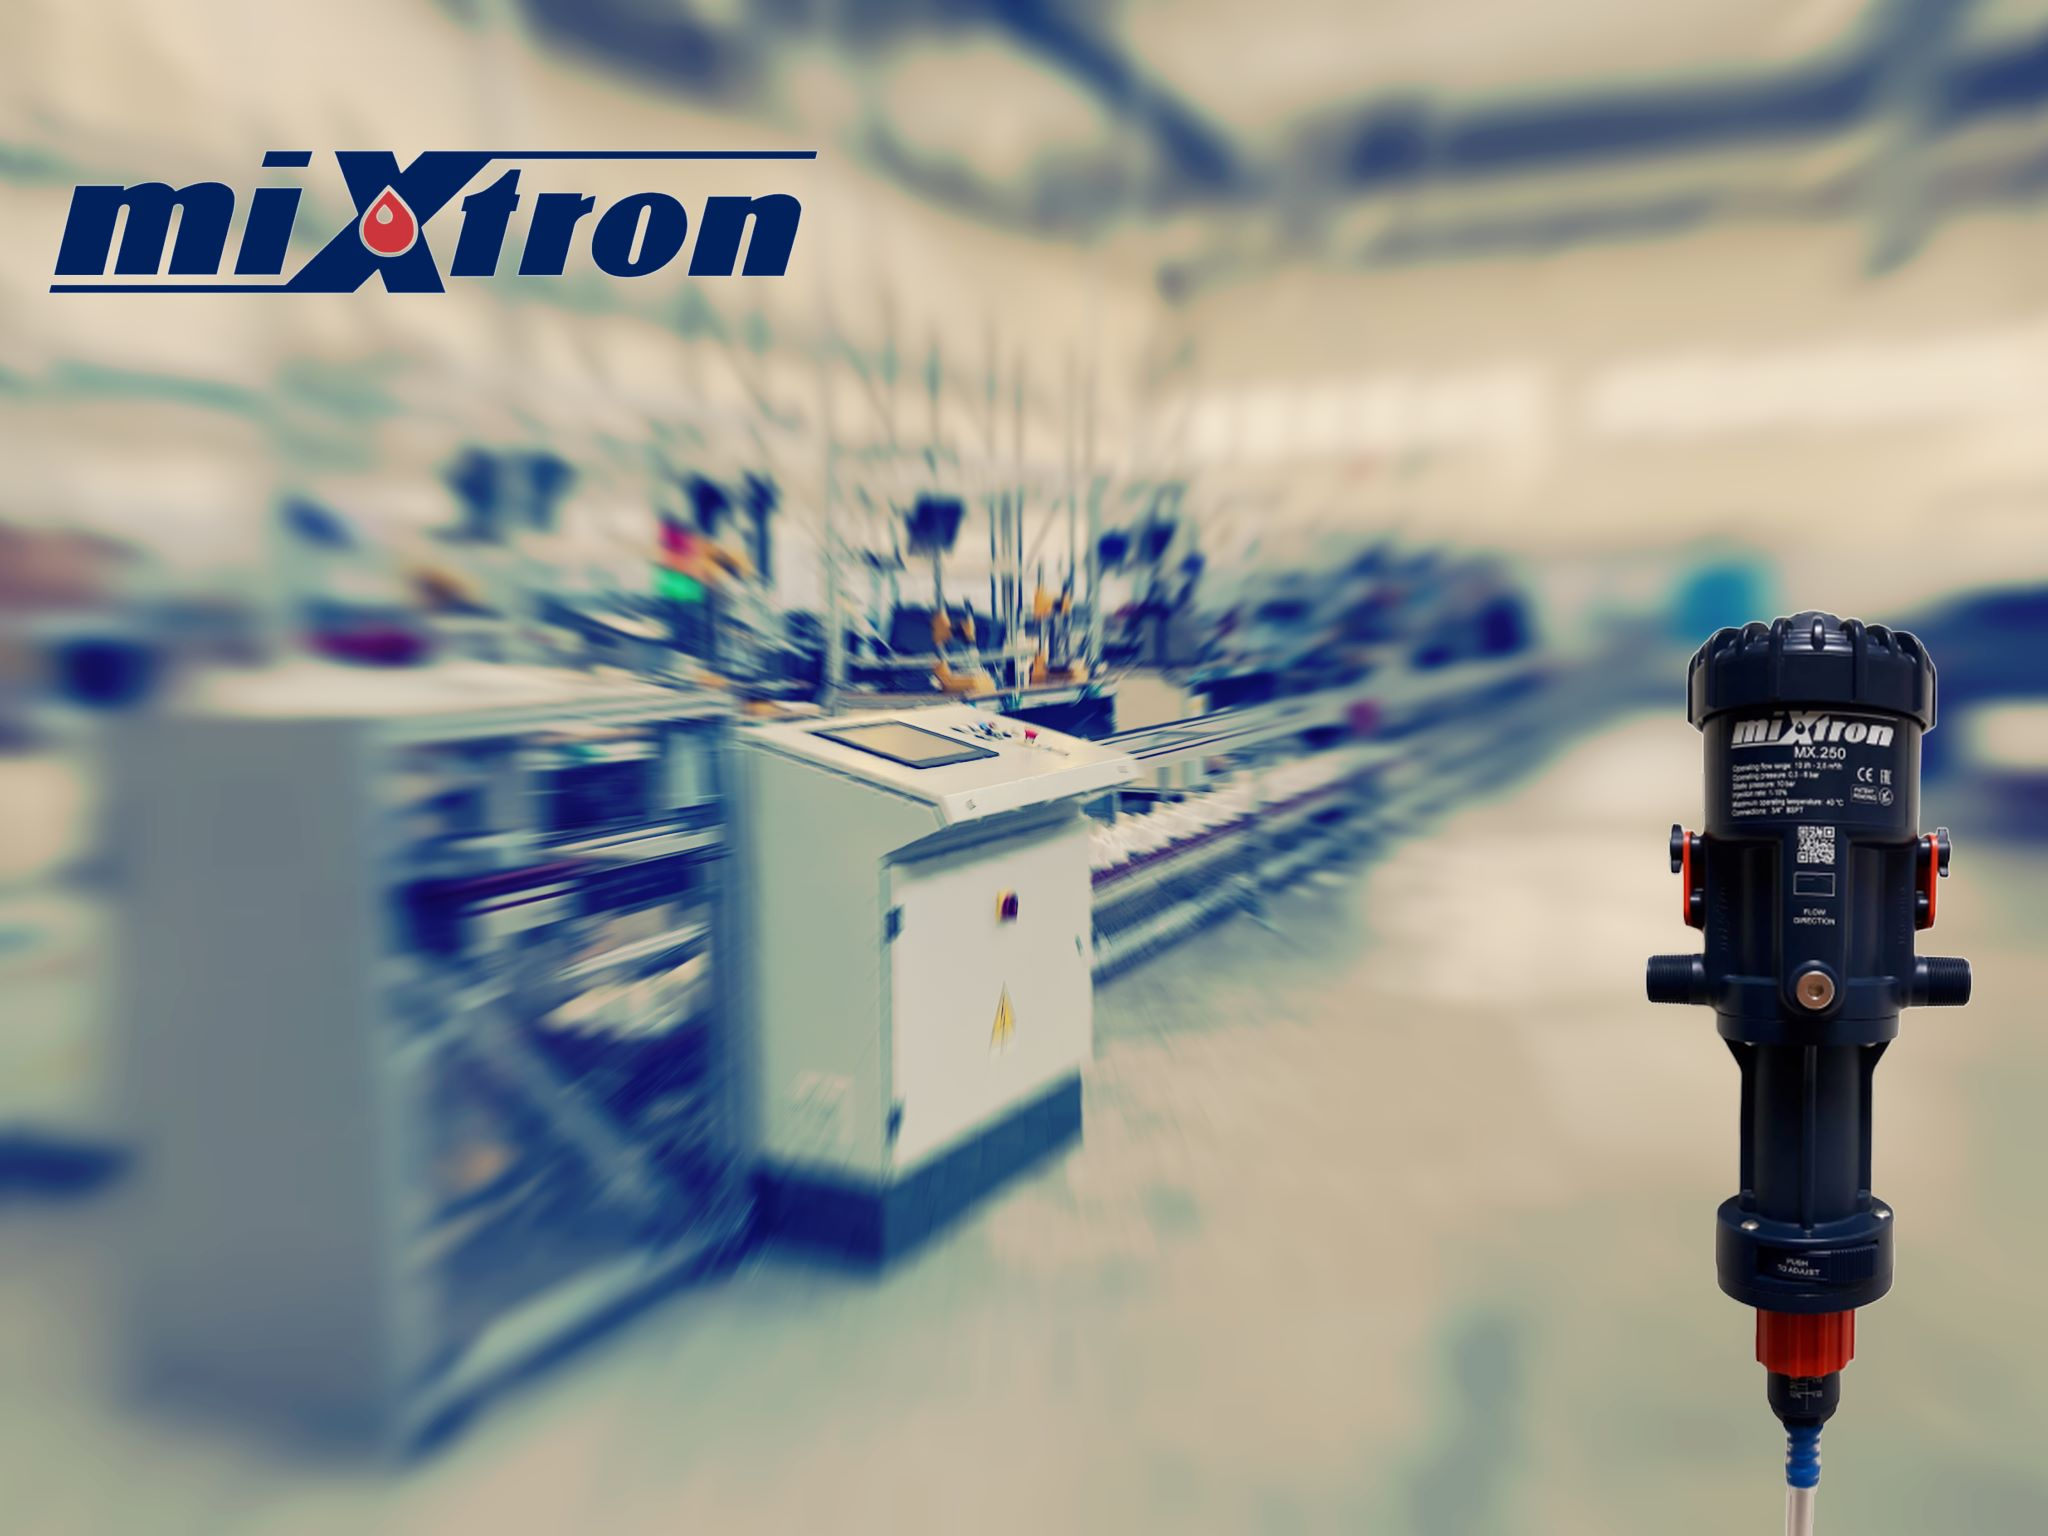 پمپ میکسترون ایتالیا Mixtron تزریق نسبی جریانی دوزینگ